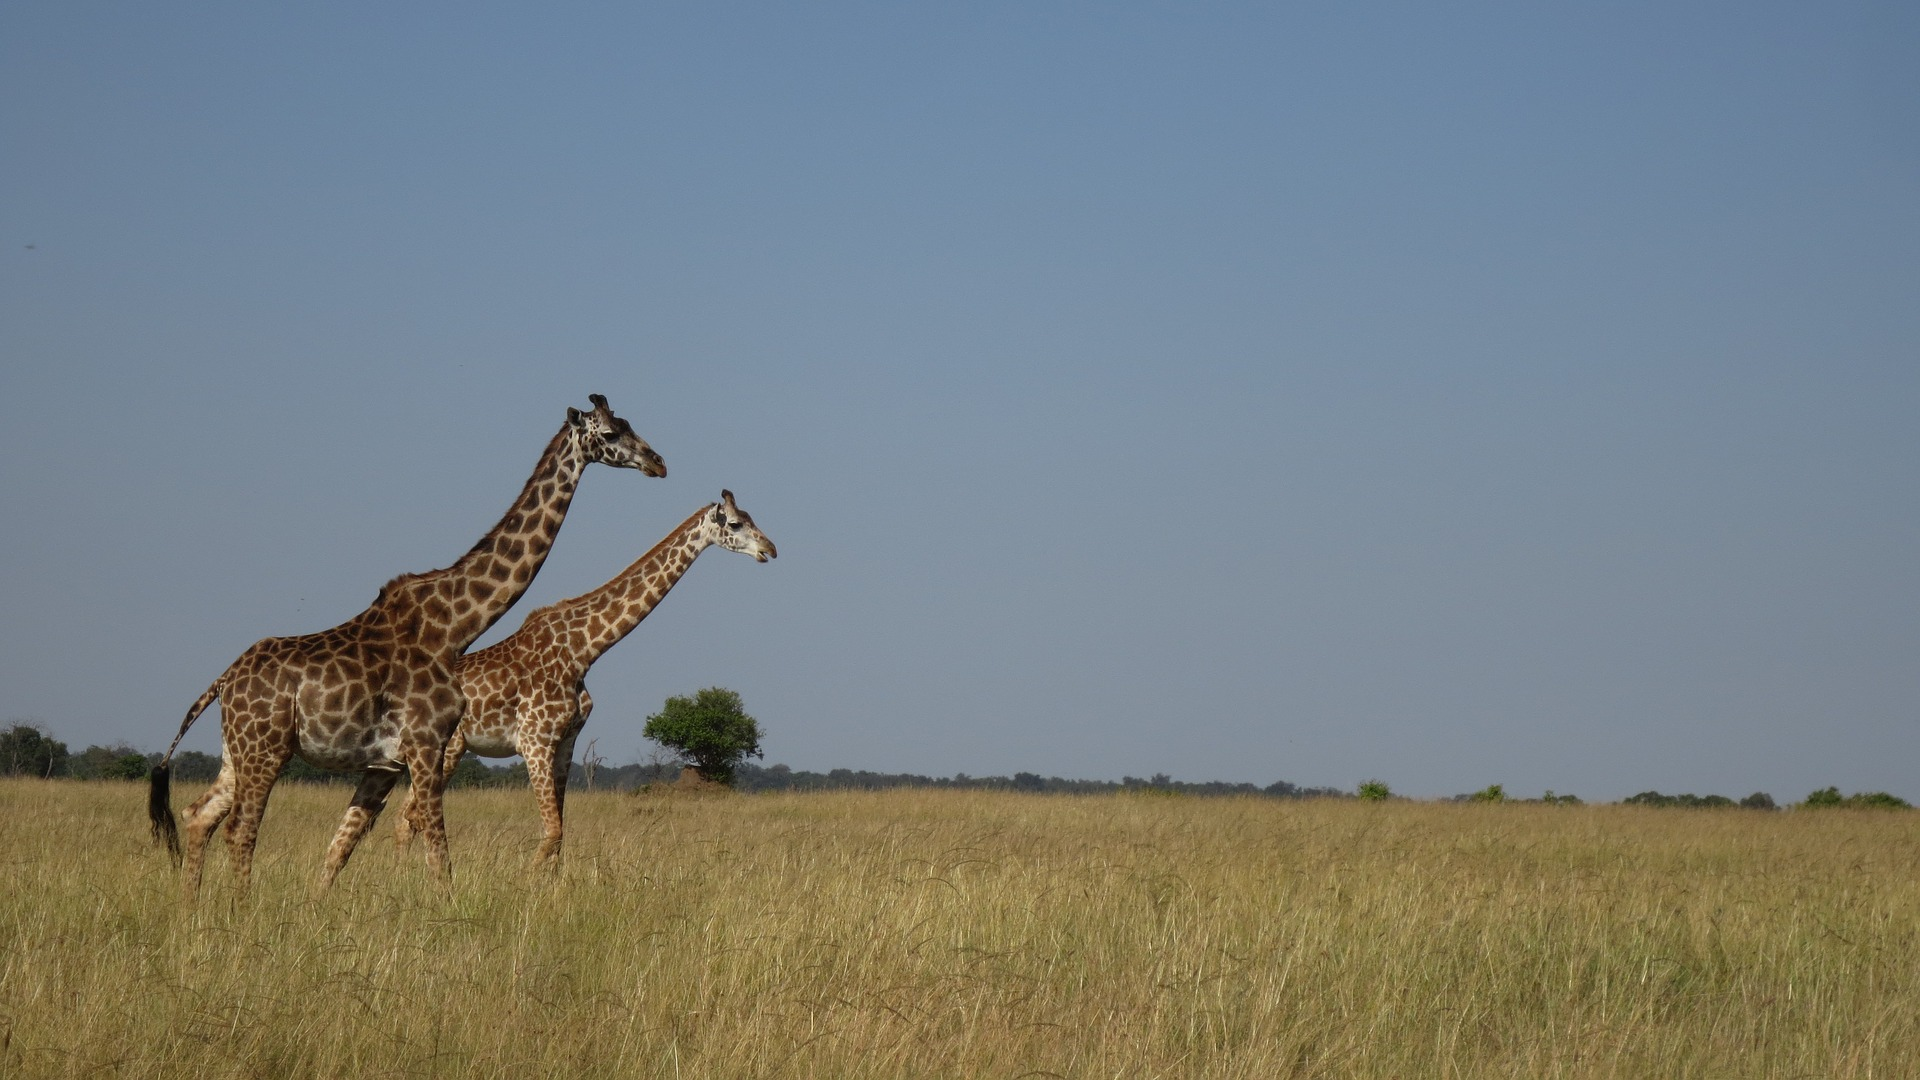 Volontariato Internazionale in Kenya per la tutela dell'ambiente